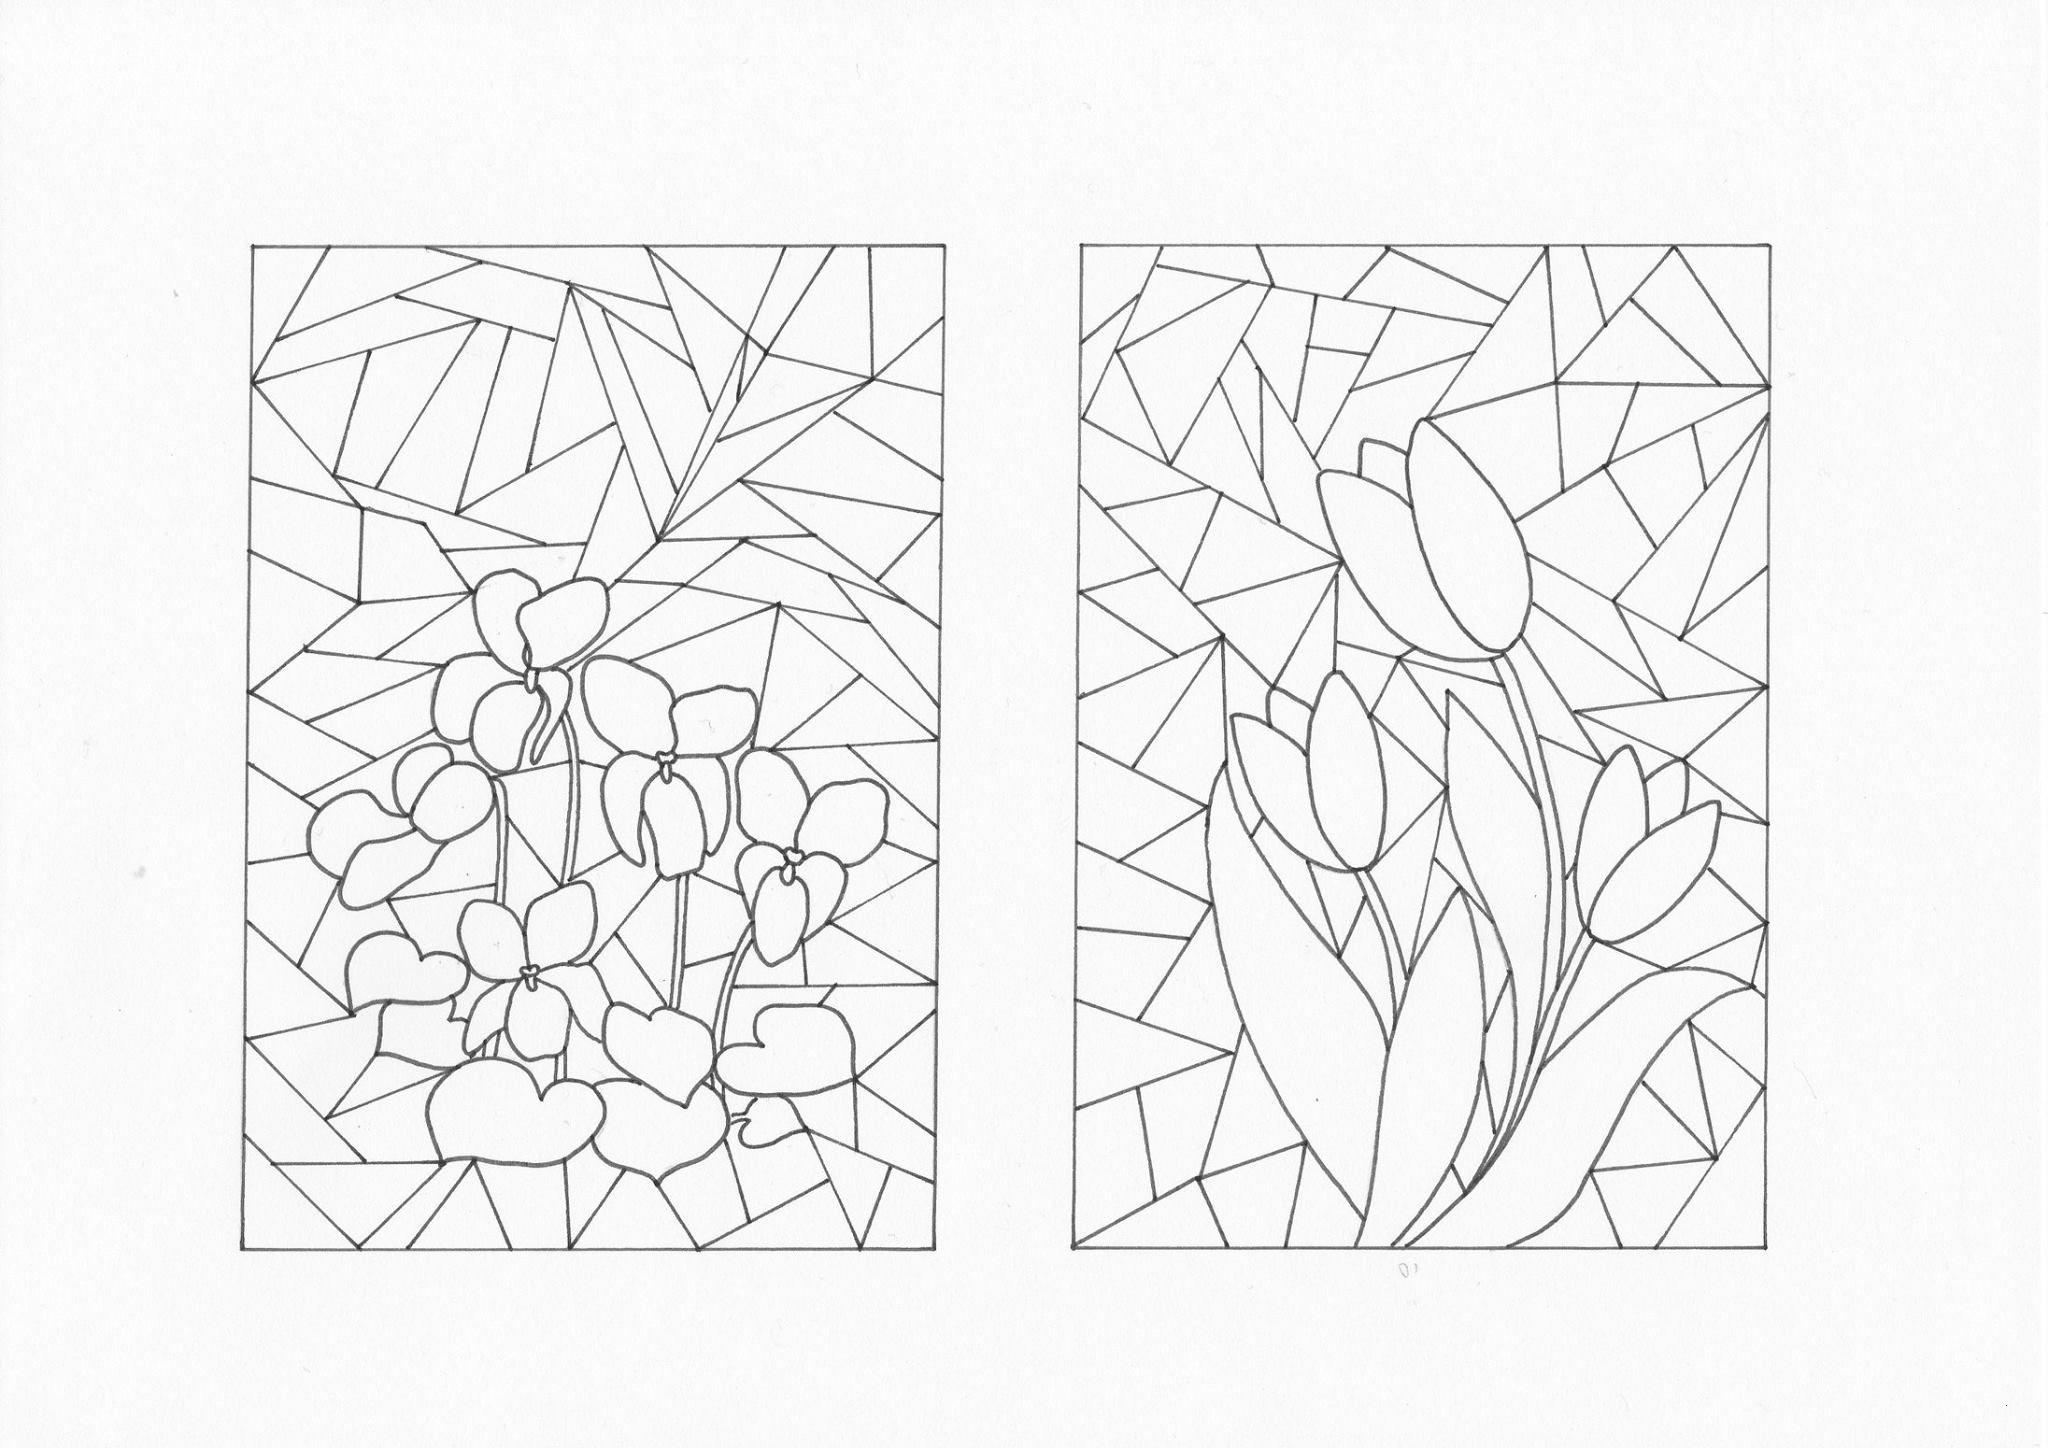 Ostereier Ausmalbilder Zum Ausdrucken Neu 43 Frisch Ausmalbilder Osterei – Große Coloring Page Sammlung Galerie